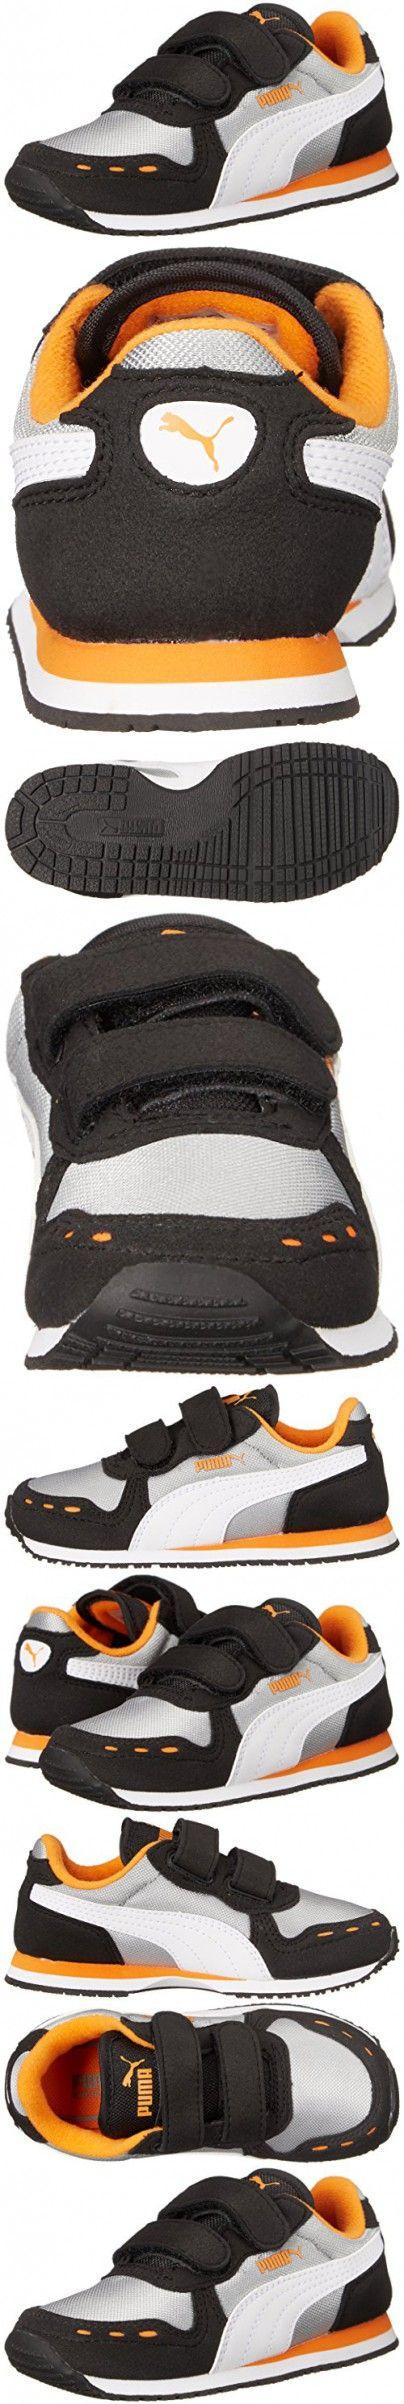 PUMA Cabana Racer Mesh V Kids Sneaker (Toddler/Little Kid/Big Kid) , Limestone Gray/White, 10 M US Toddler